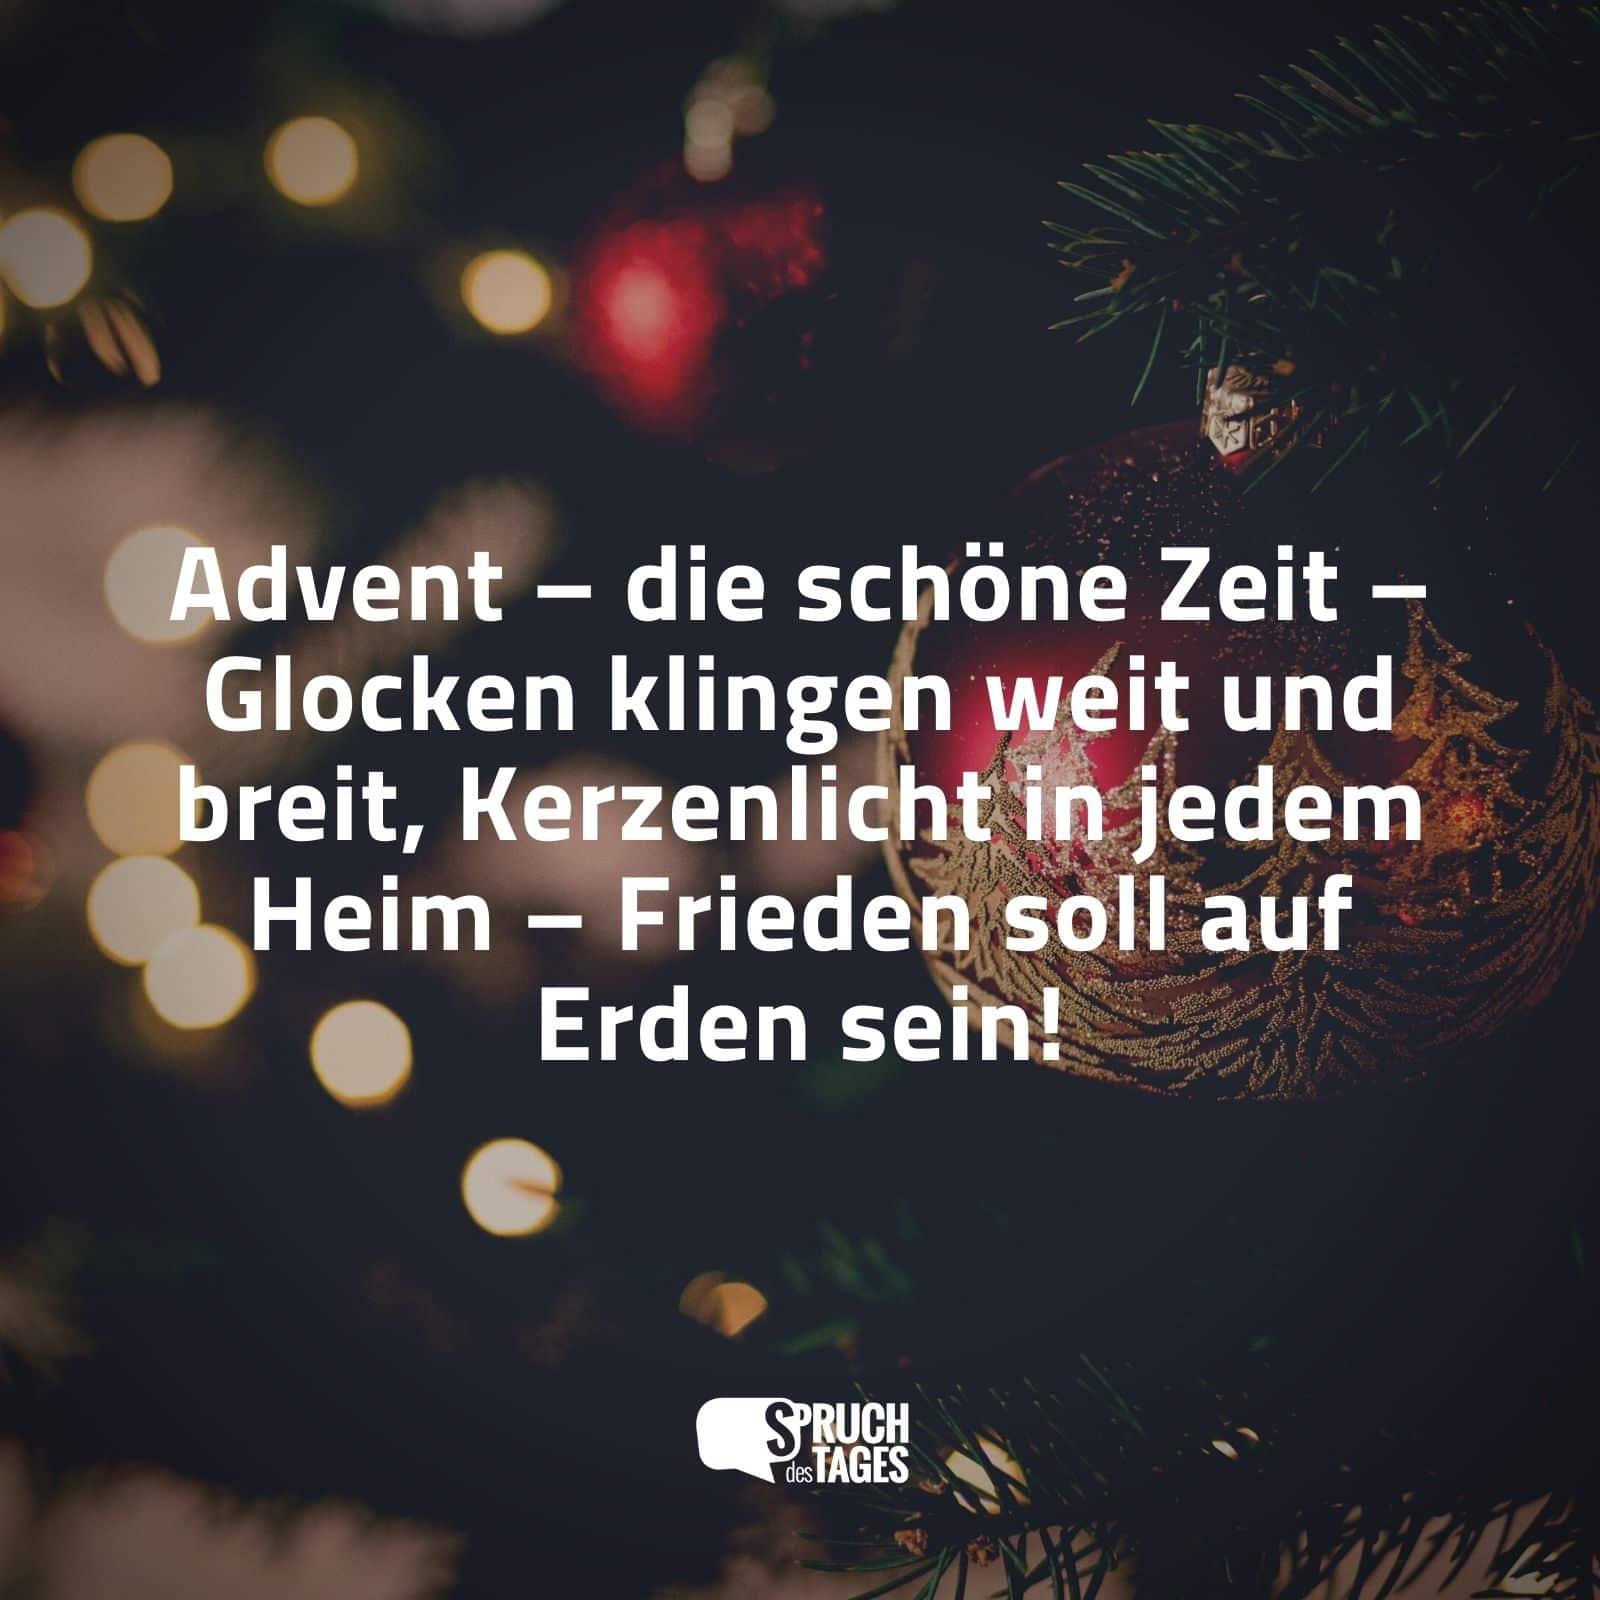 Advent – die schöne Zeit – Glocken klingen weit und breit, Kerzenlicht in  jedem Heim – Frieden soll auf